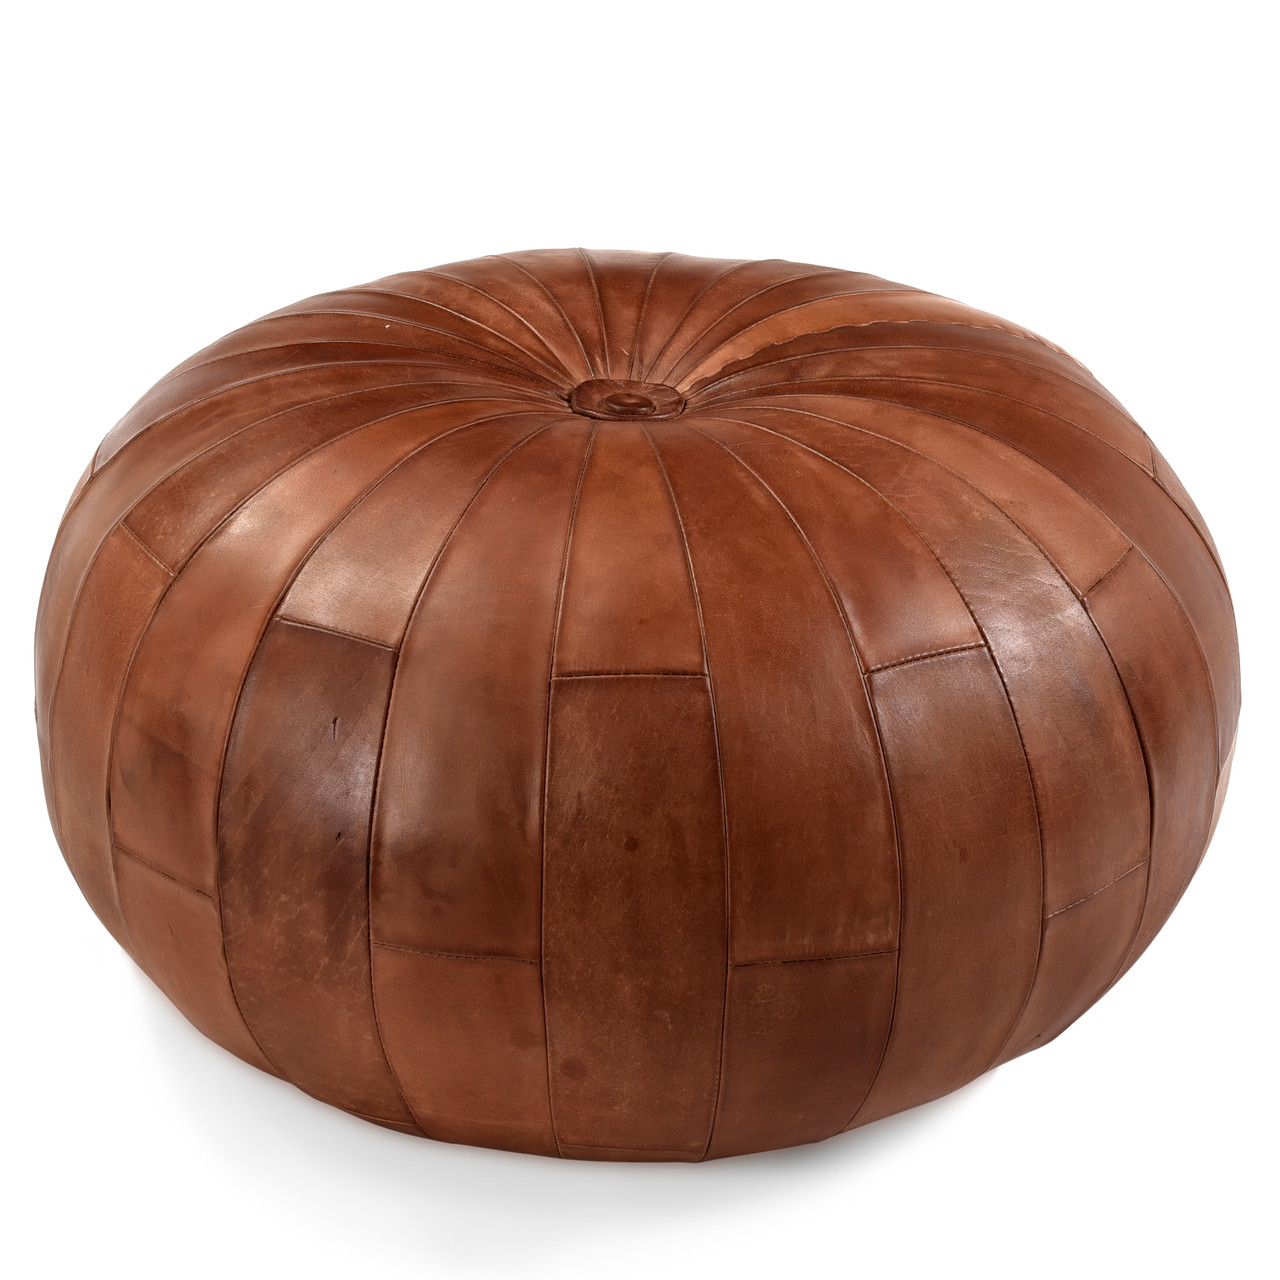 Outstanding Eastwood Leather Ottoman Inzonedesignstudio Interior Chair Design Inzonedesignstudiocom